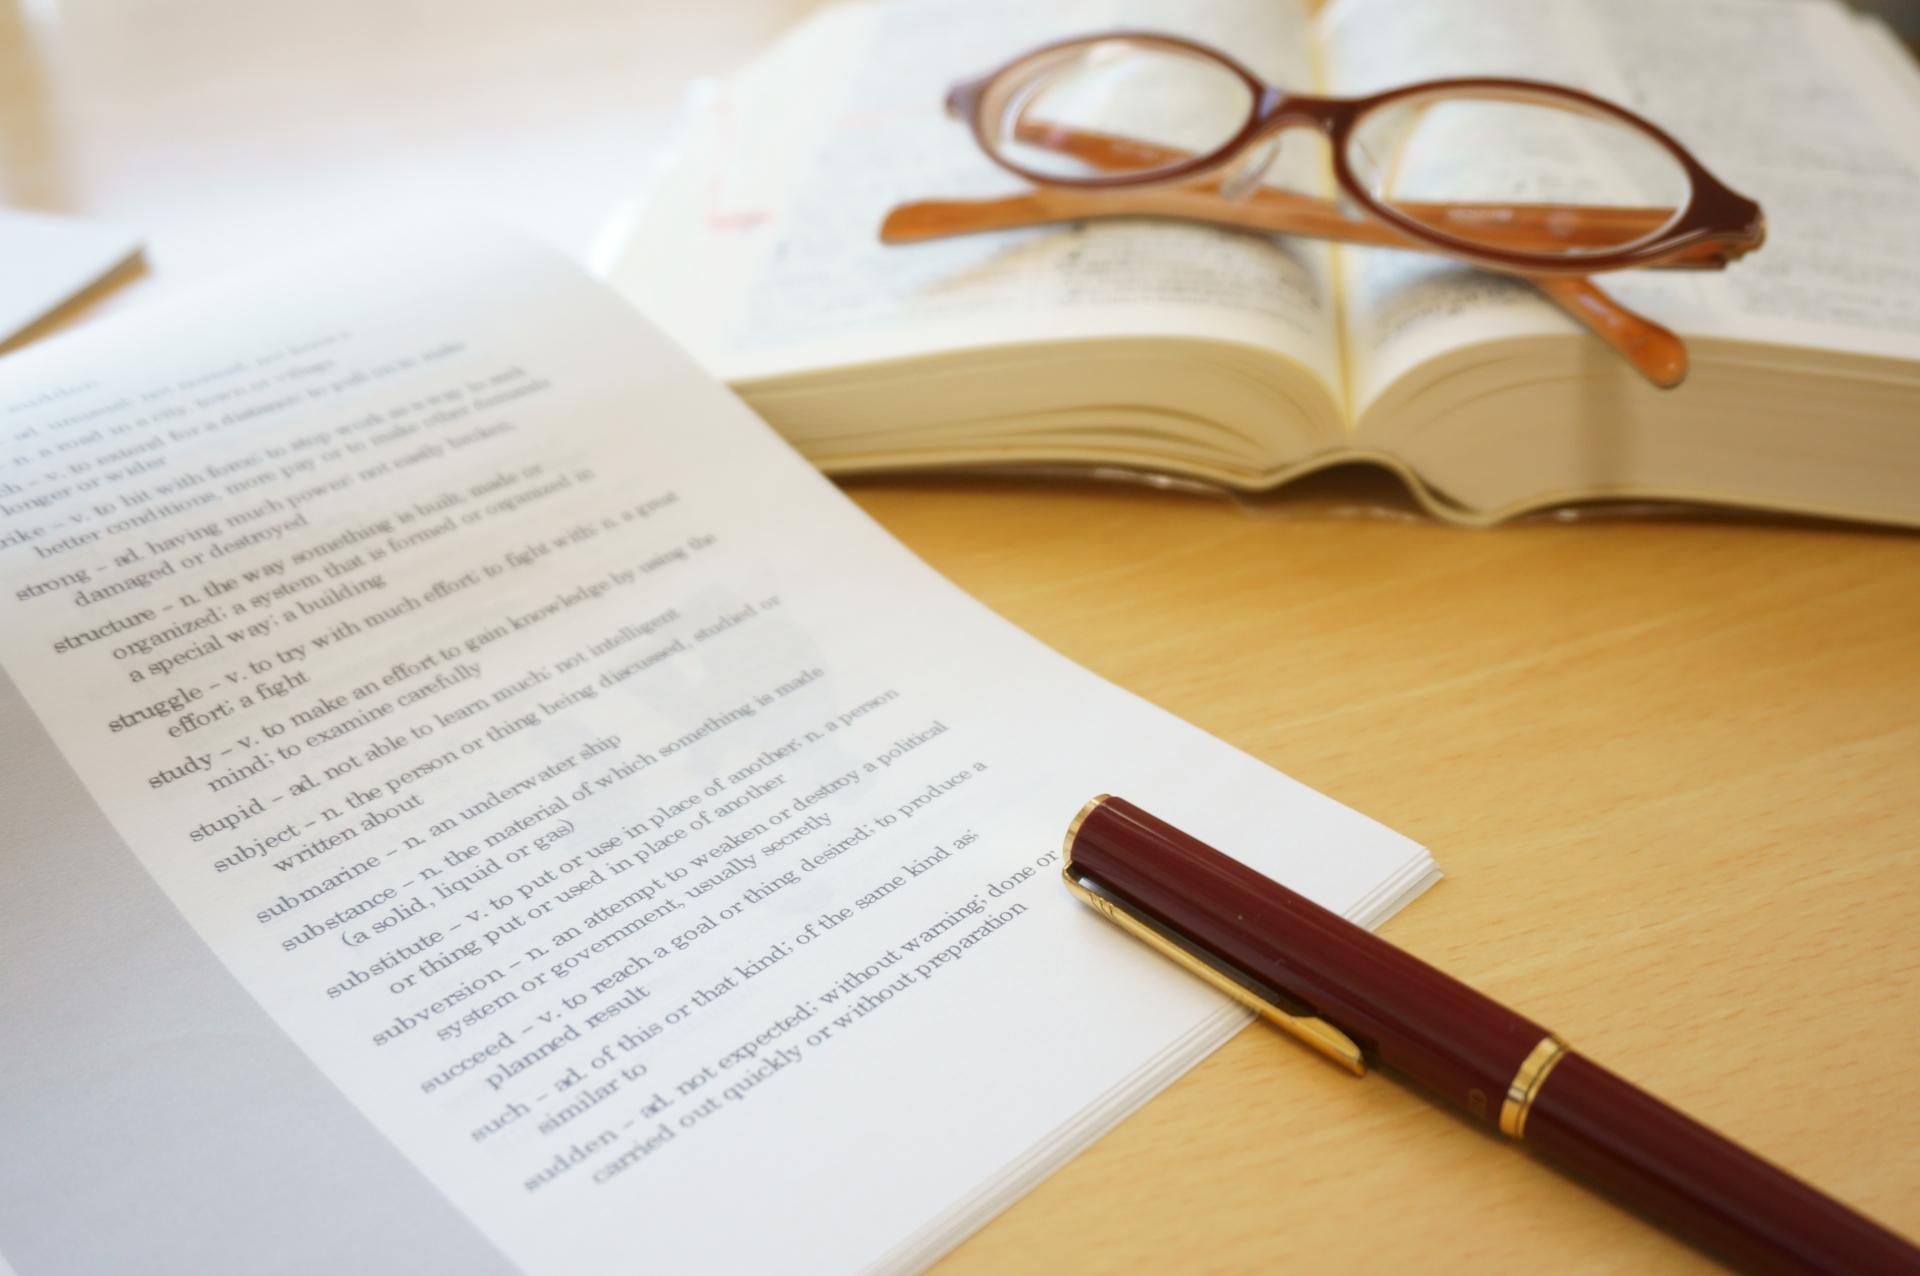 英語の長文が急に読めなくなってしまった時の原因と4つの対処法。